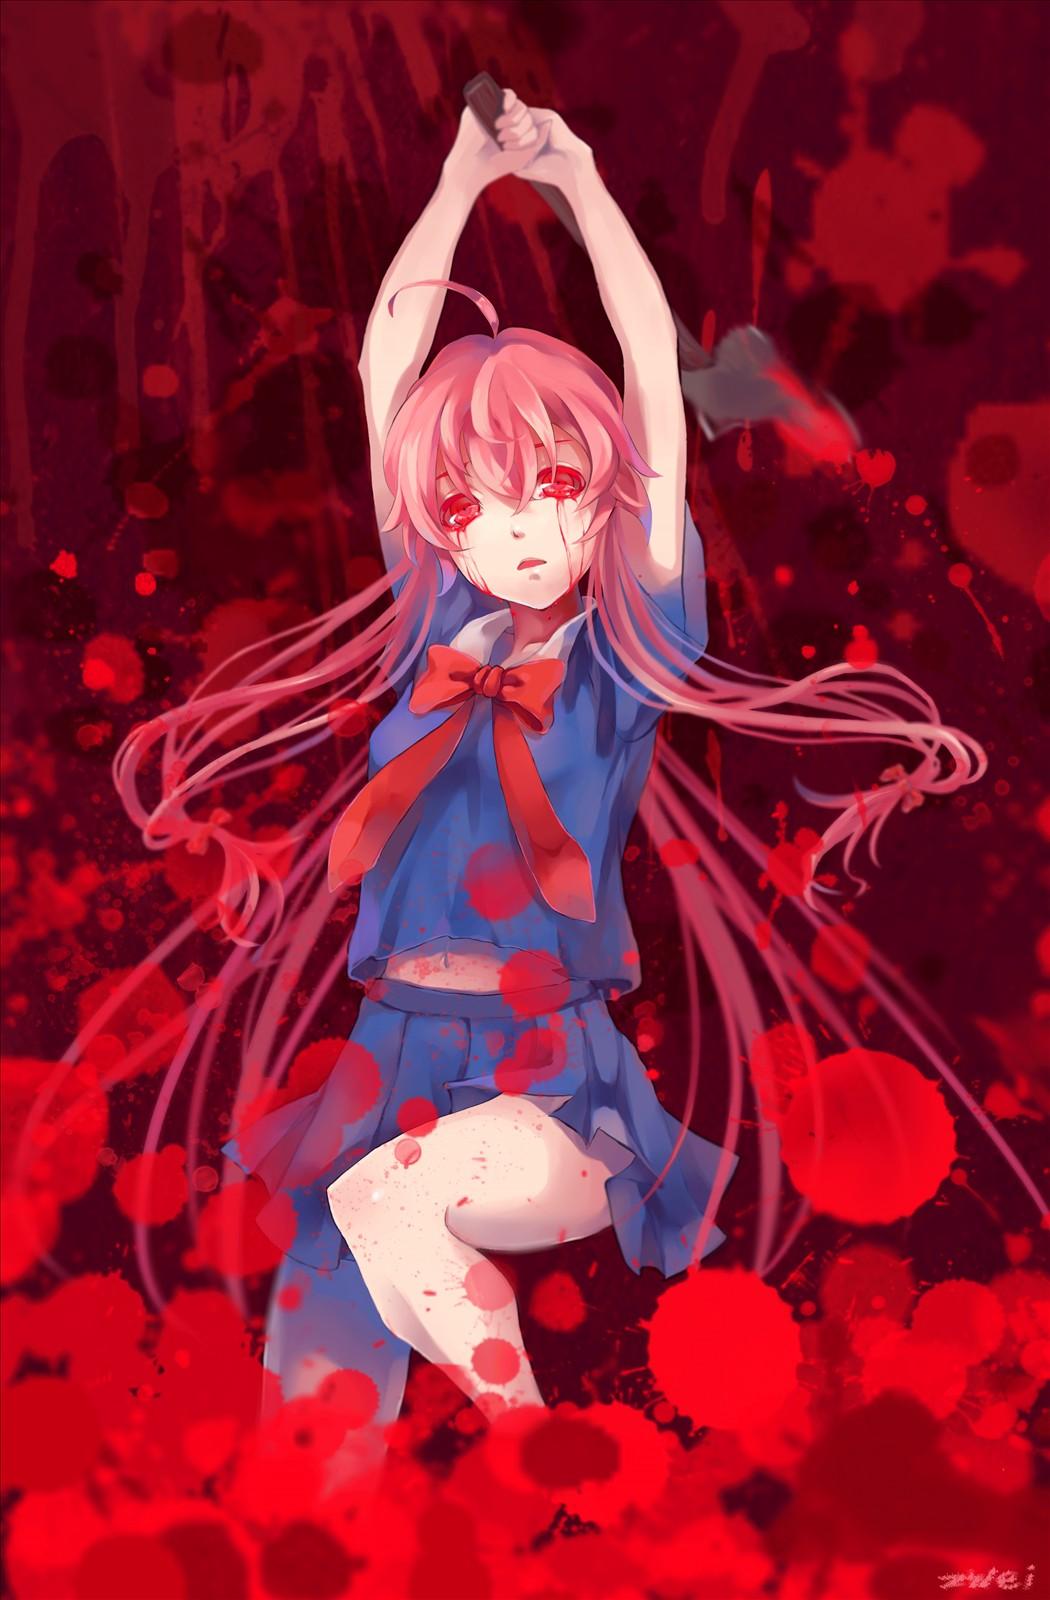 Anime Pixiv Id 1611012 Mirai Nikki Gasai Yuno Mobile Yuno